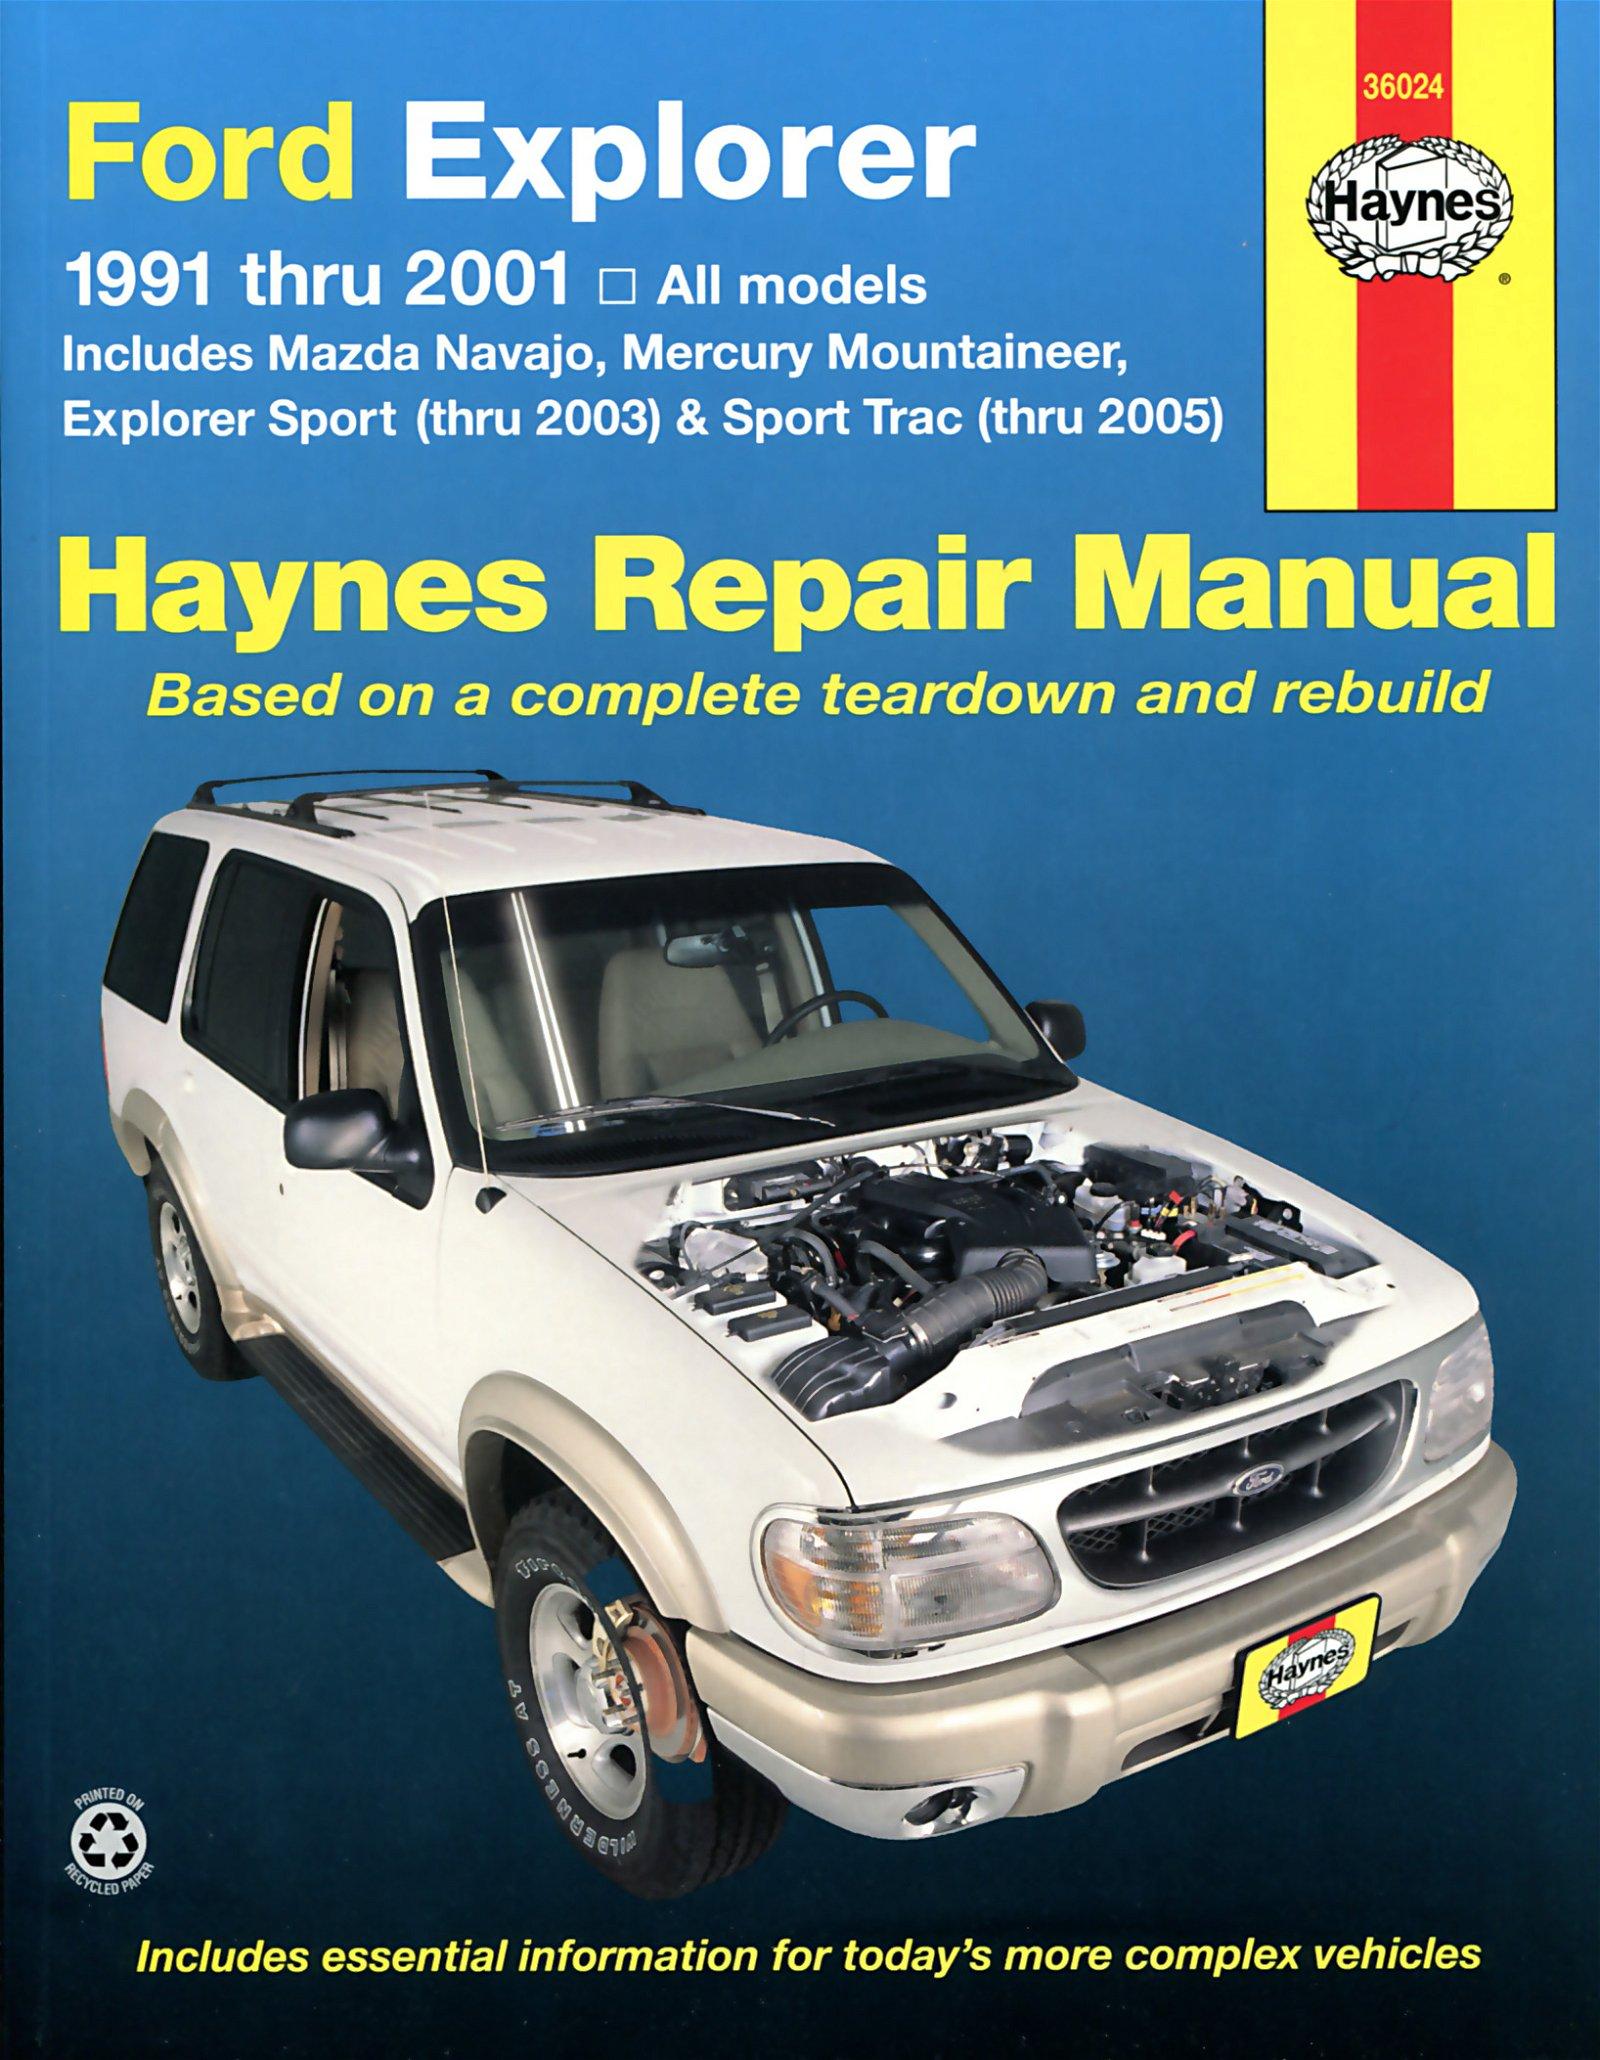 [Manuel US en Anglais] Ford Explorer  '91 -  '01, Explorer Sport thru  '03, Sport Trac thru  '05